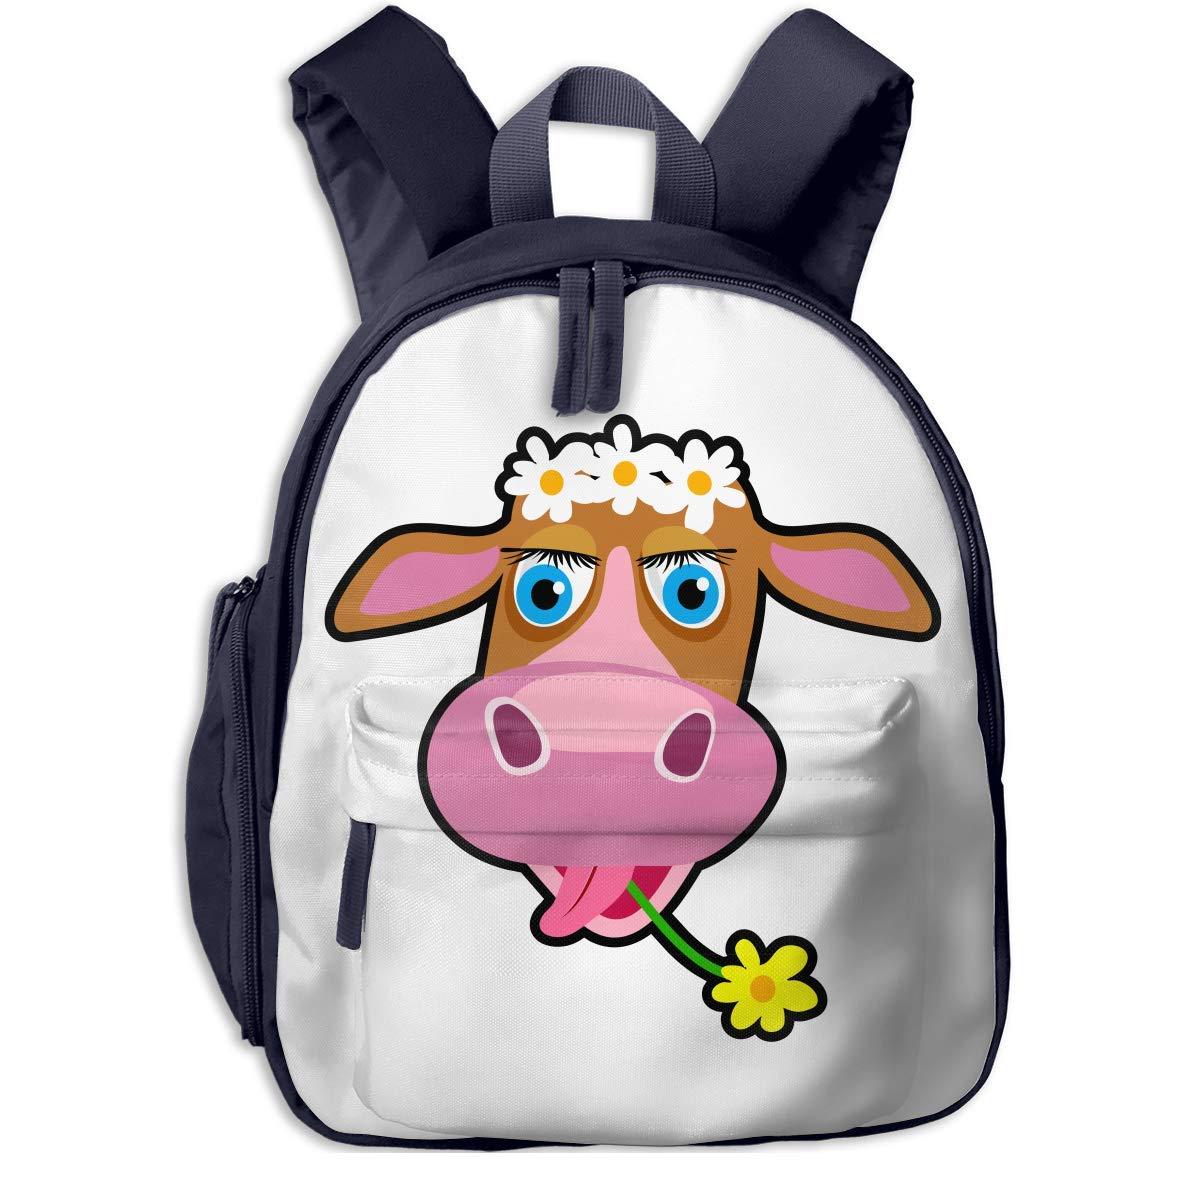 School Backpack for for for Girls Boys, Kids Cute Flower Cow Cartoon Backpacks Book Bag B07LGWMH5X Daypacks Preisrotuktion e18681